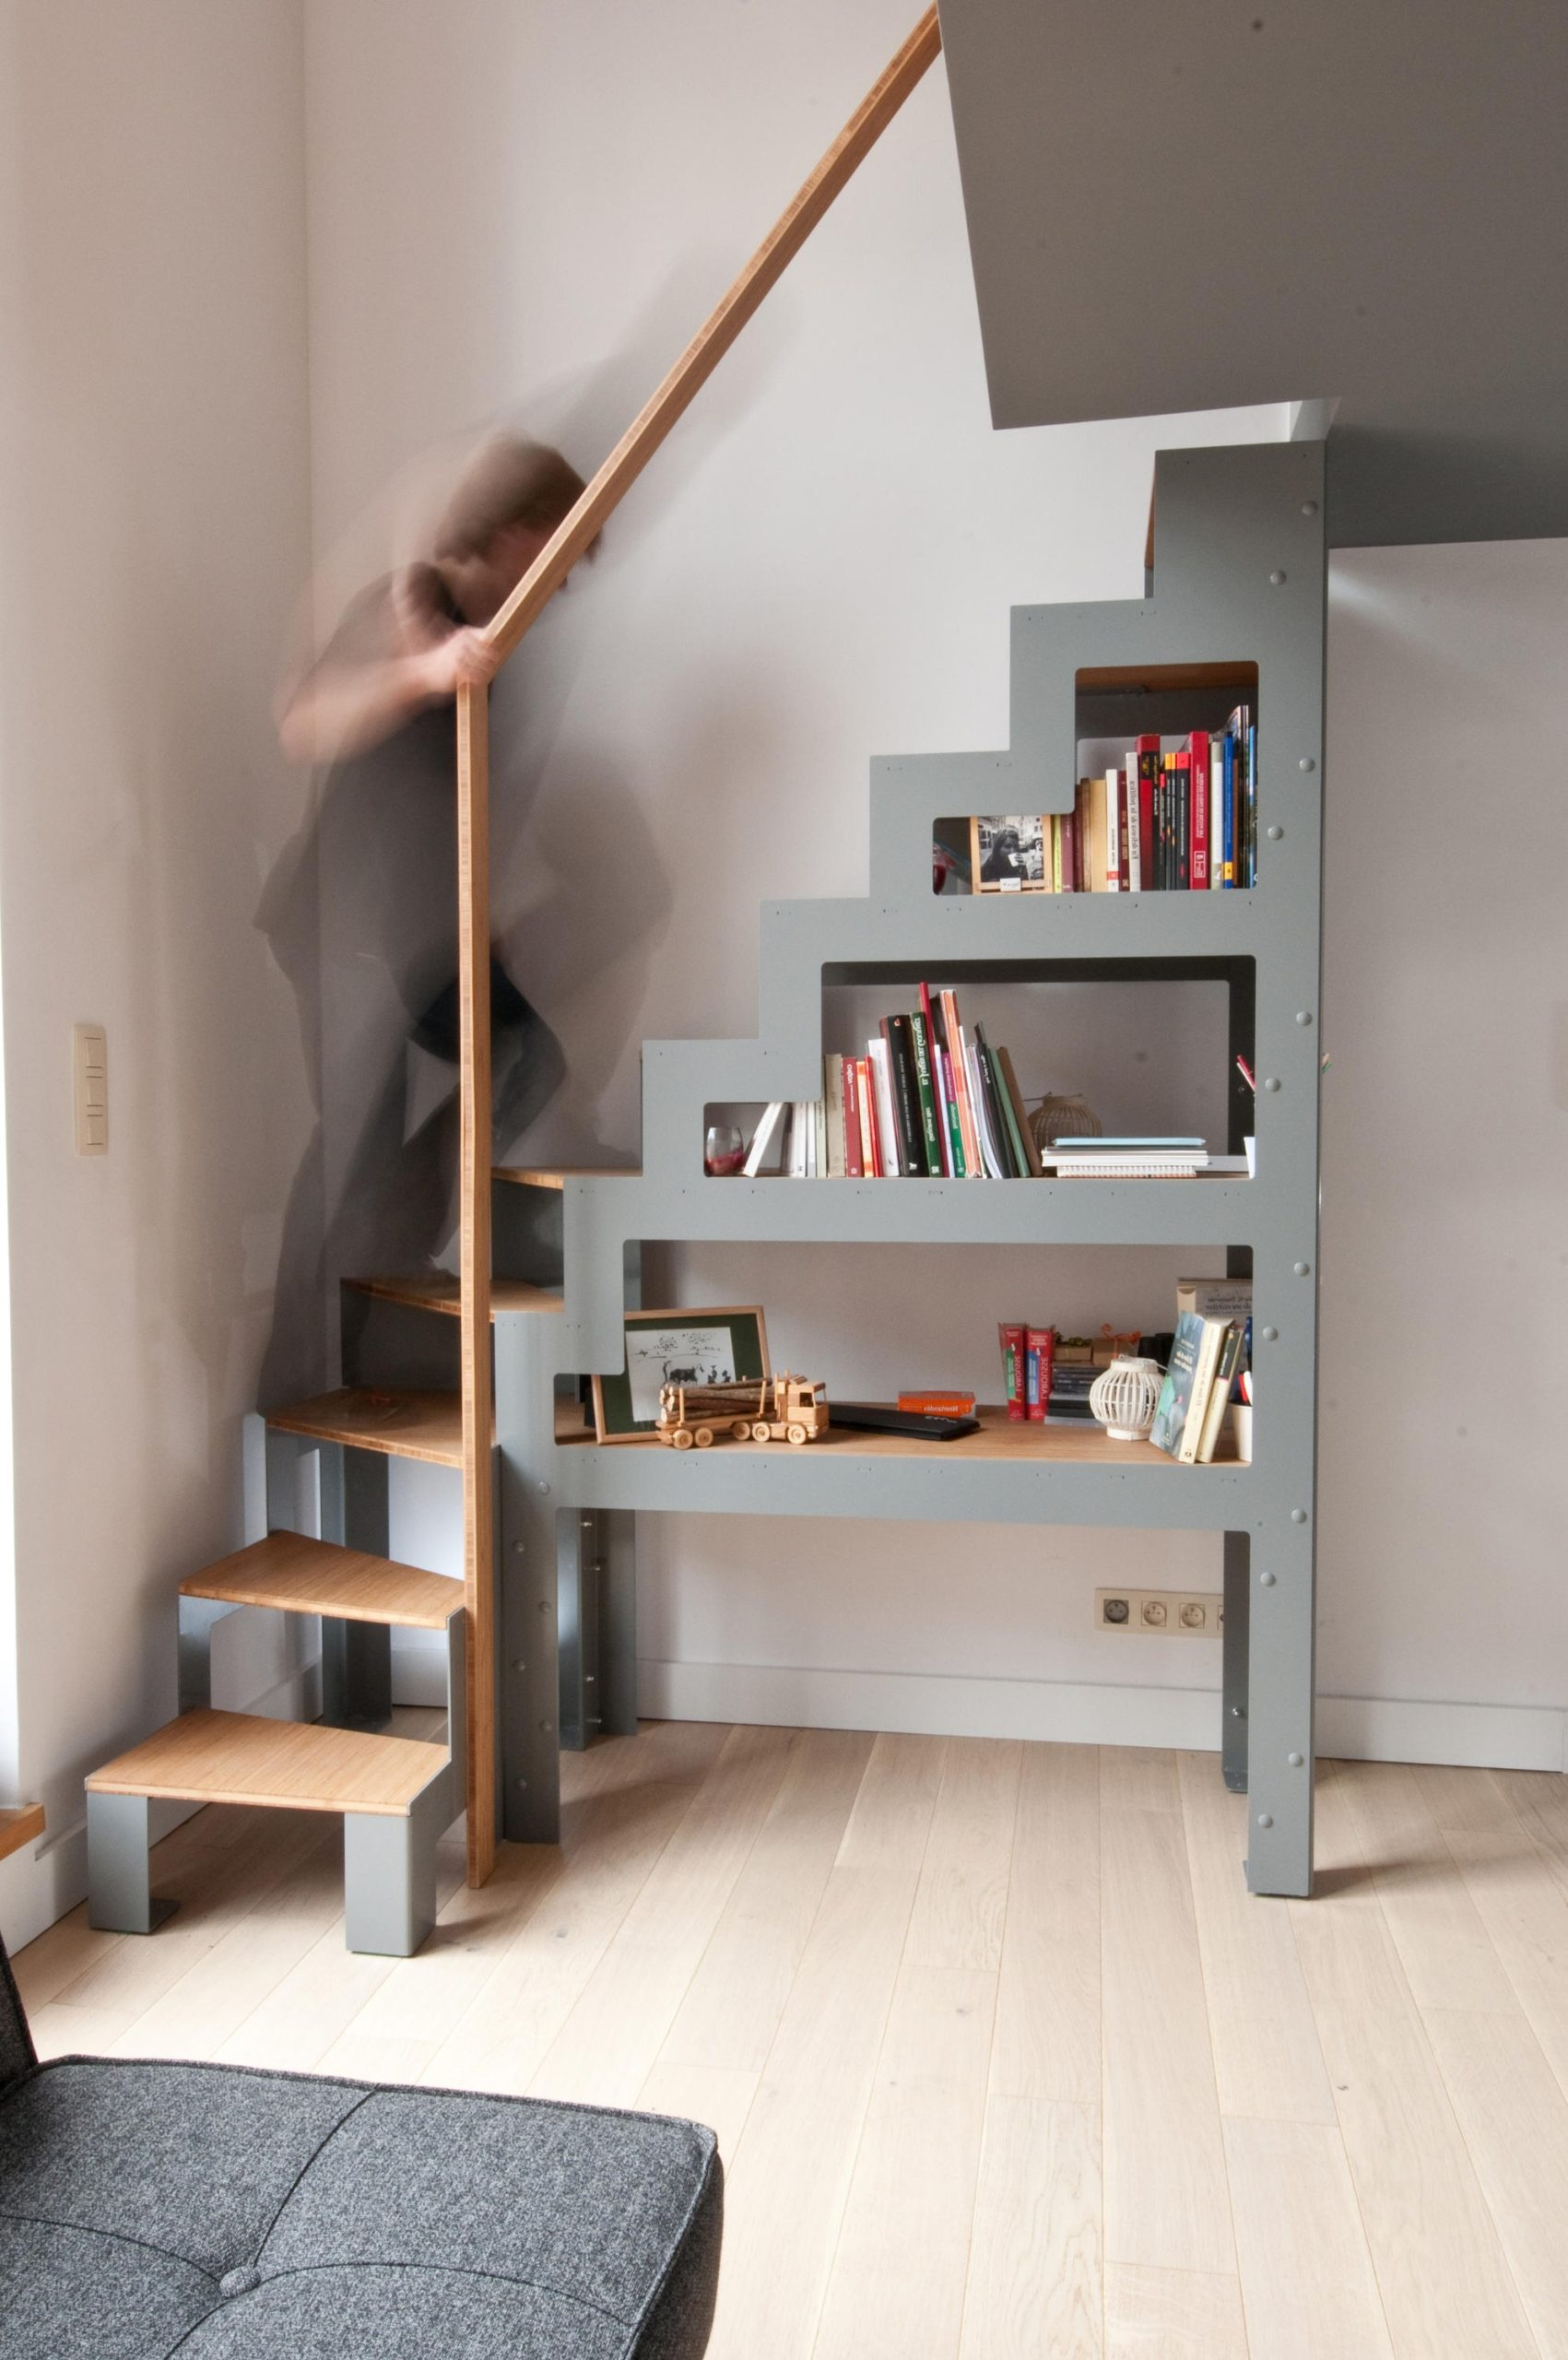 Escalier quart tournant avec espace de rangement intégré.